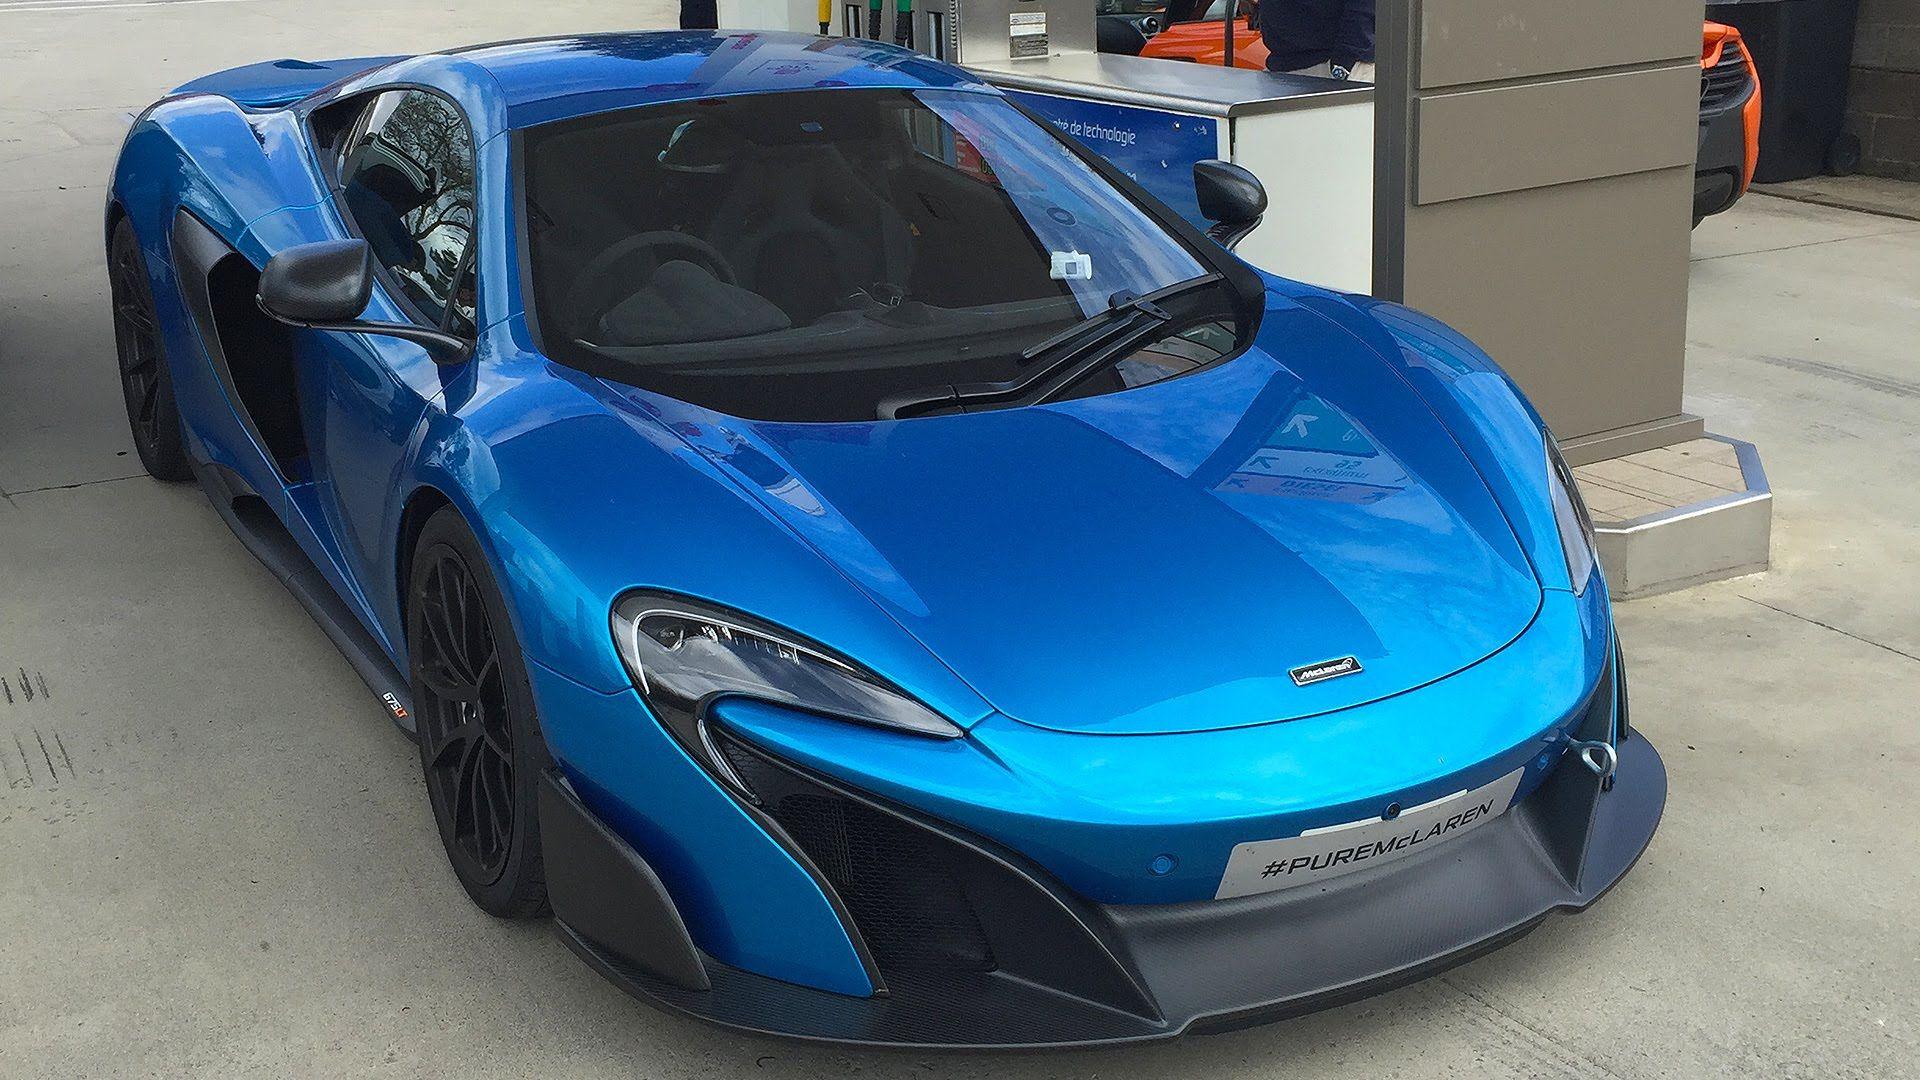 Mclaren 675lt Blue Wallpaper Phone #ljV · Cars Desktop HD ...